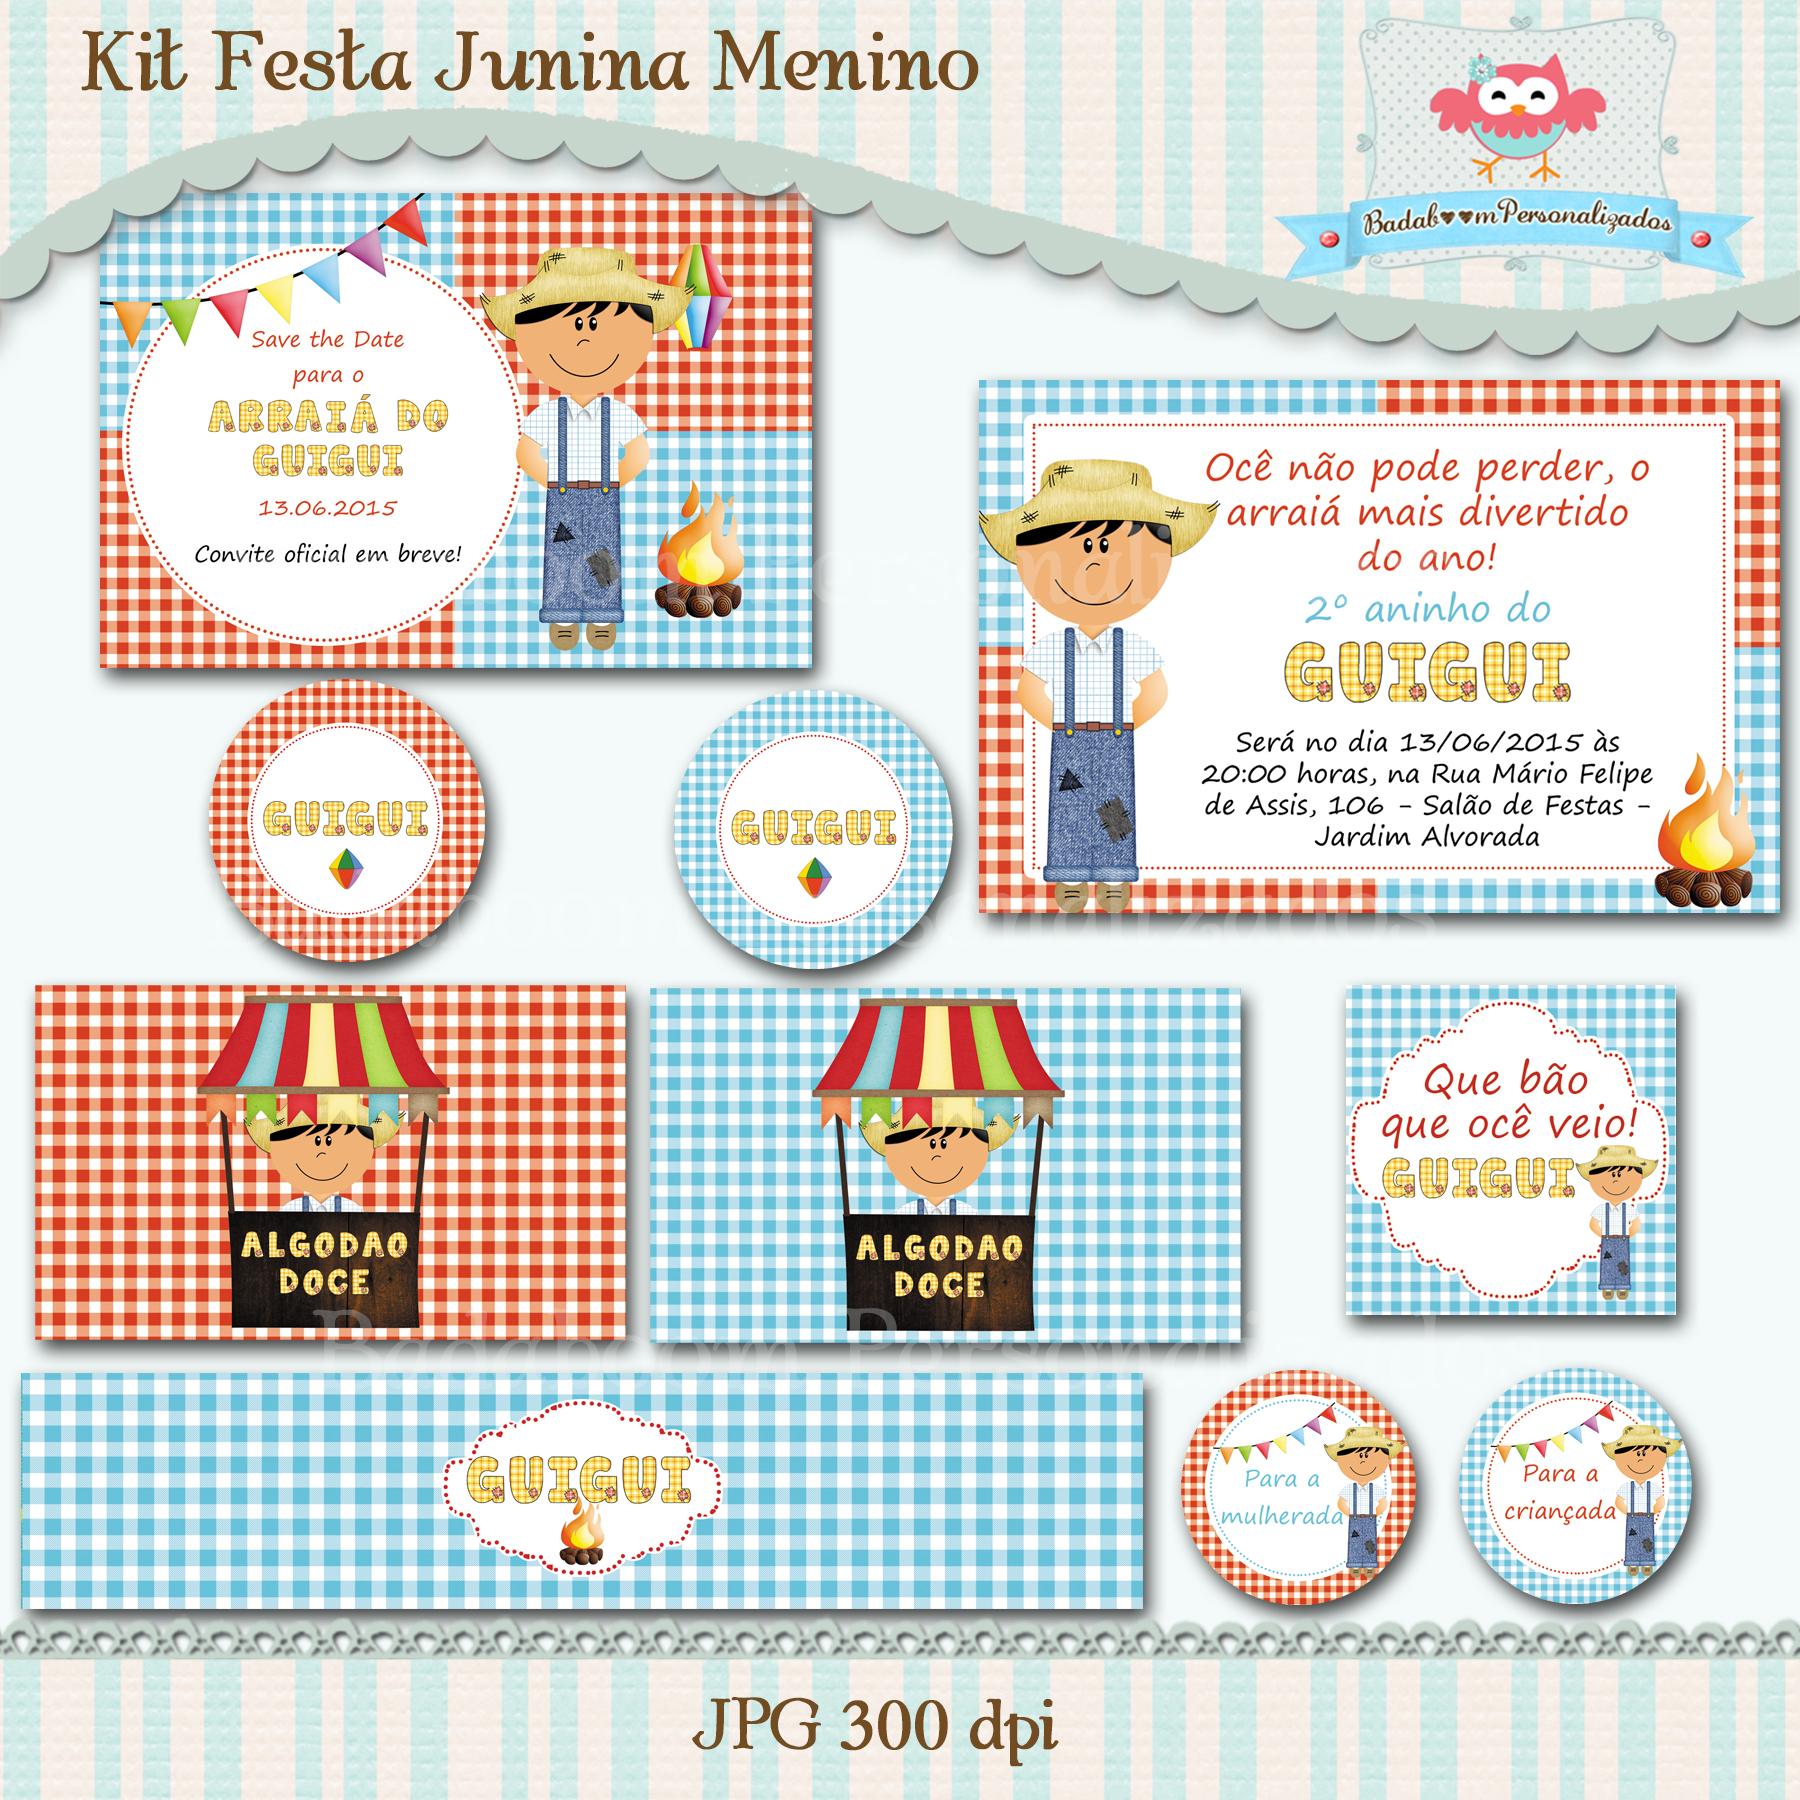 Kit Festa Junina Menino No Elo7 Badaboom Personalizados 5202e2